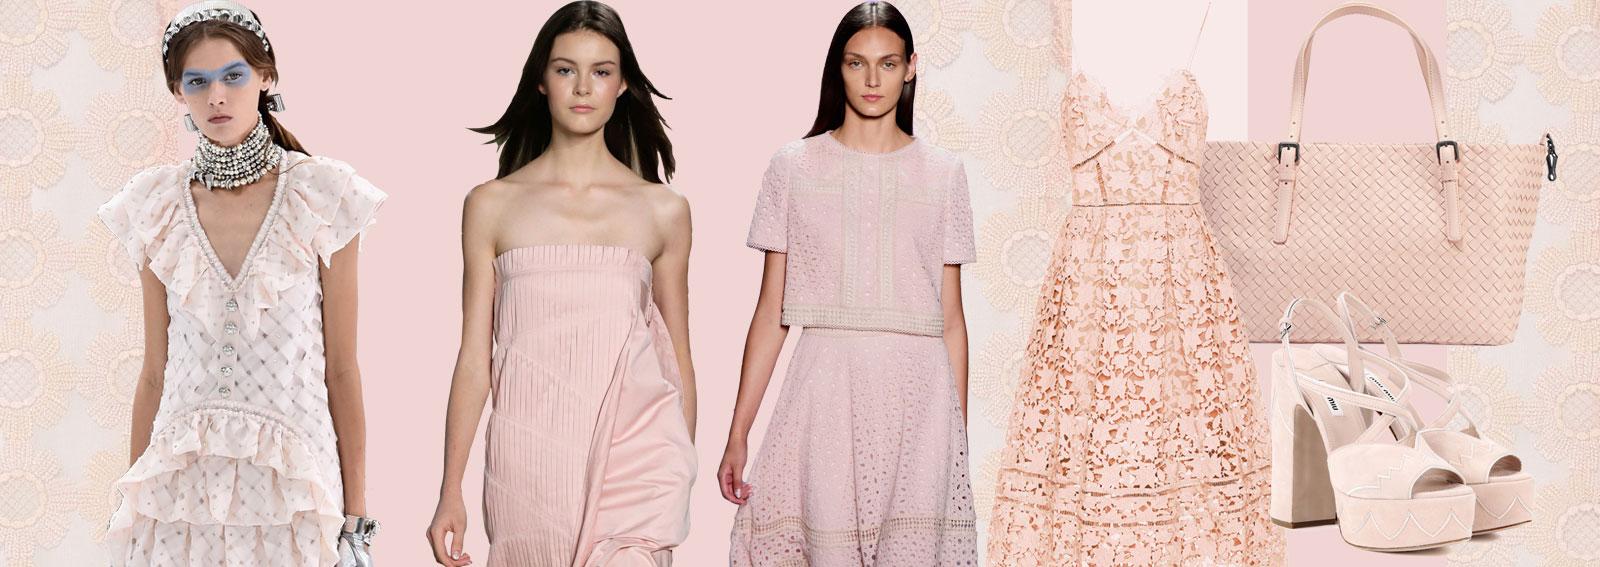 cover tendenza rosa cipria la nuance femminile per l'estate dekstop